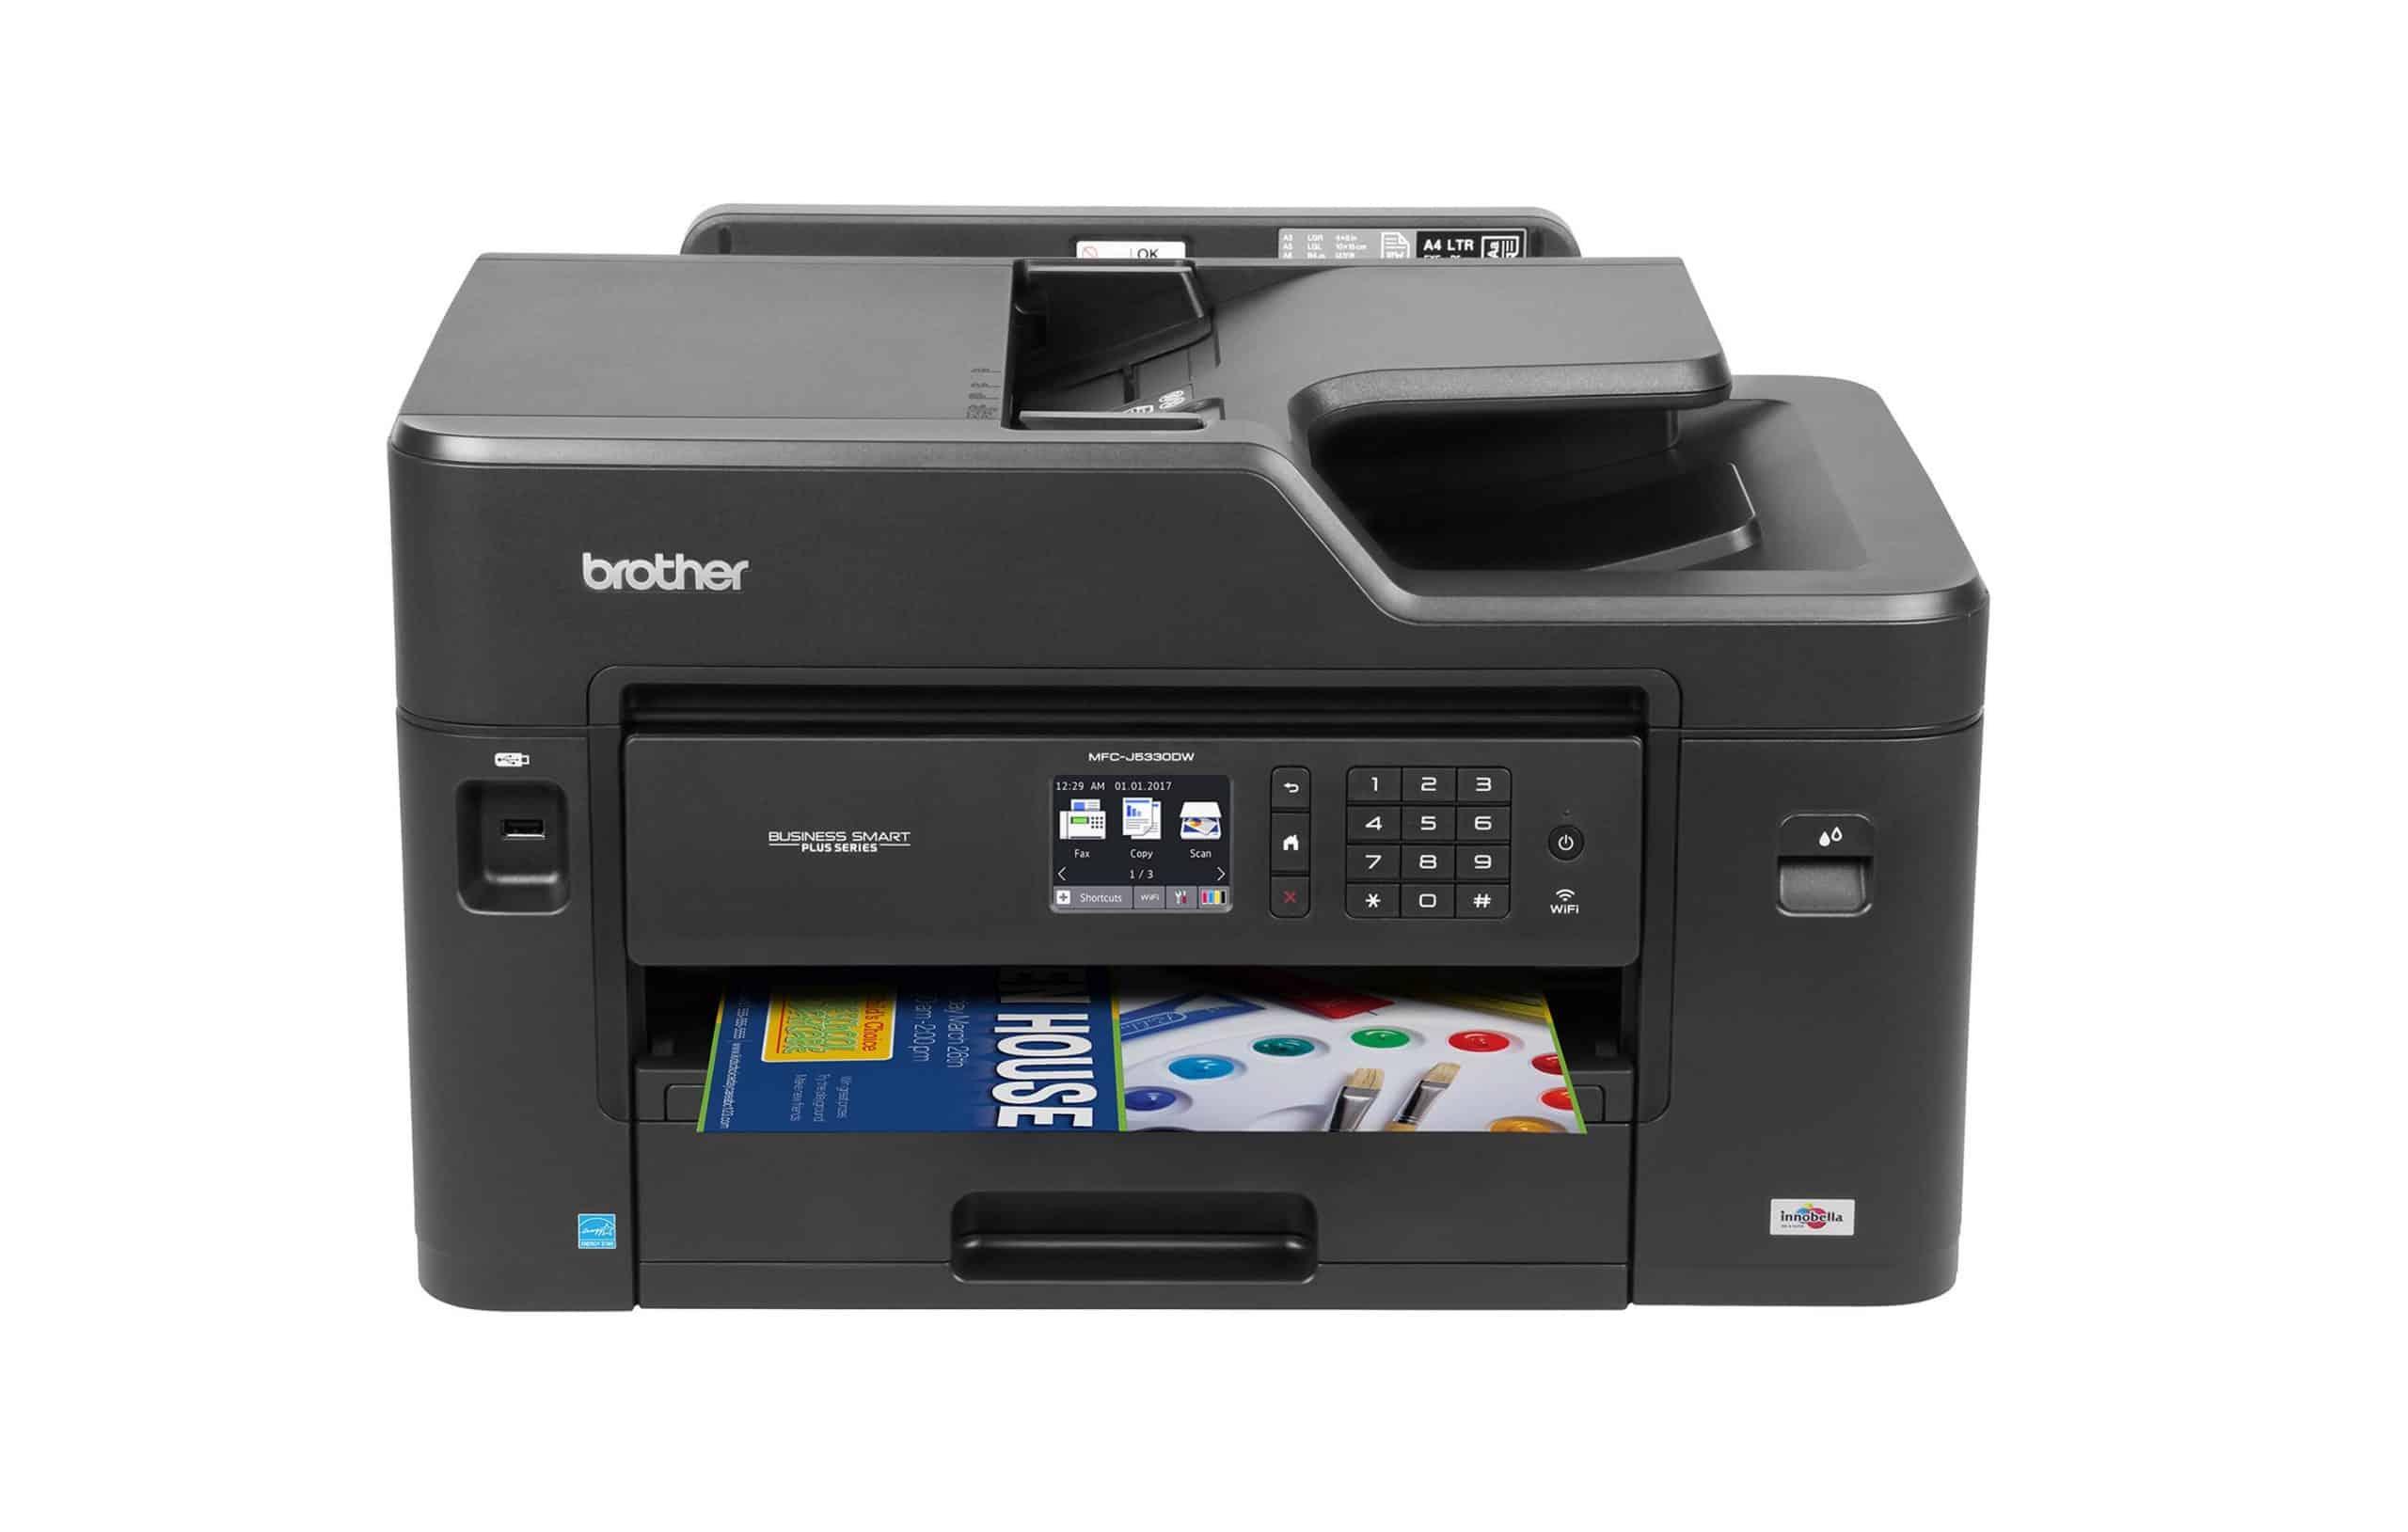 Cara Membersihkan Printer Merk Brother